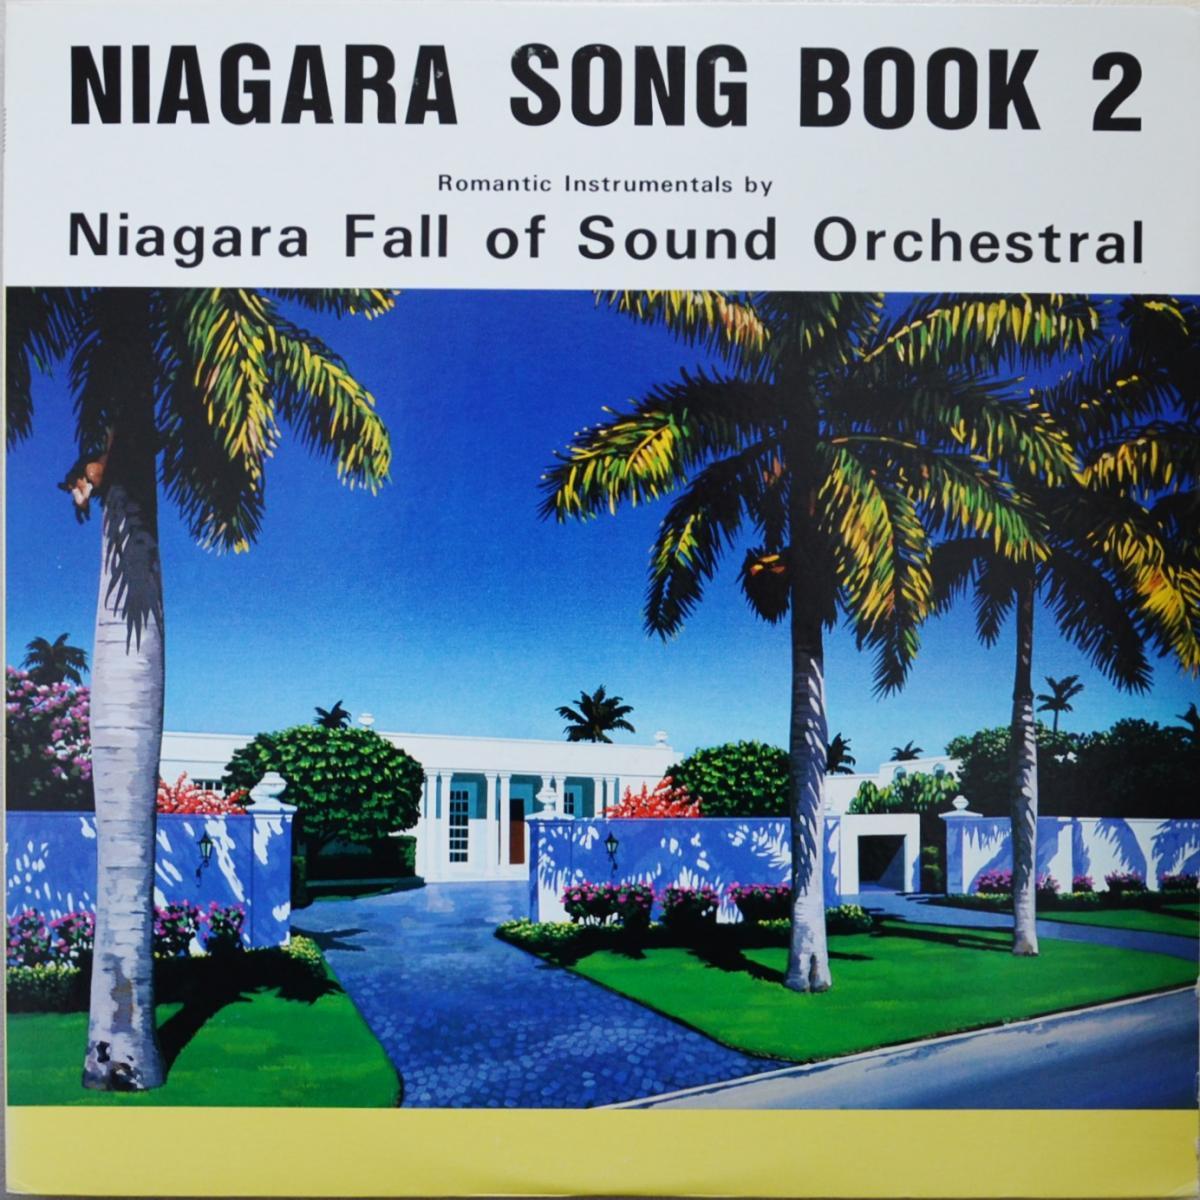 ナイアガラ・フォール・オブ・サウンド・オーケストラ NIAGARA FALL OF SOUND ORCHESTRAL / NIAGARA SONG BOOK 2 (LP)